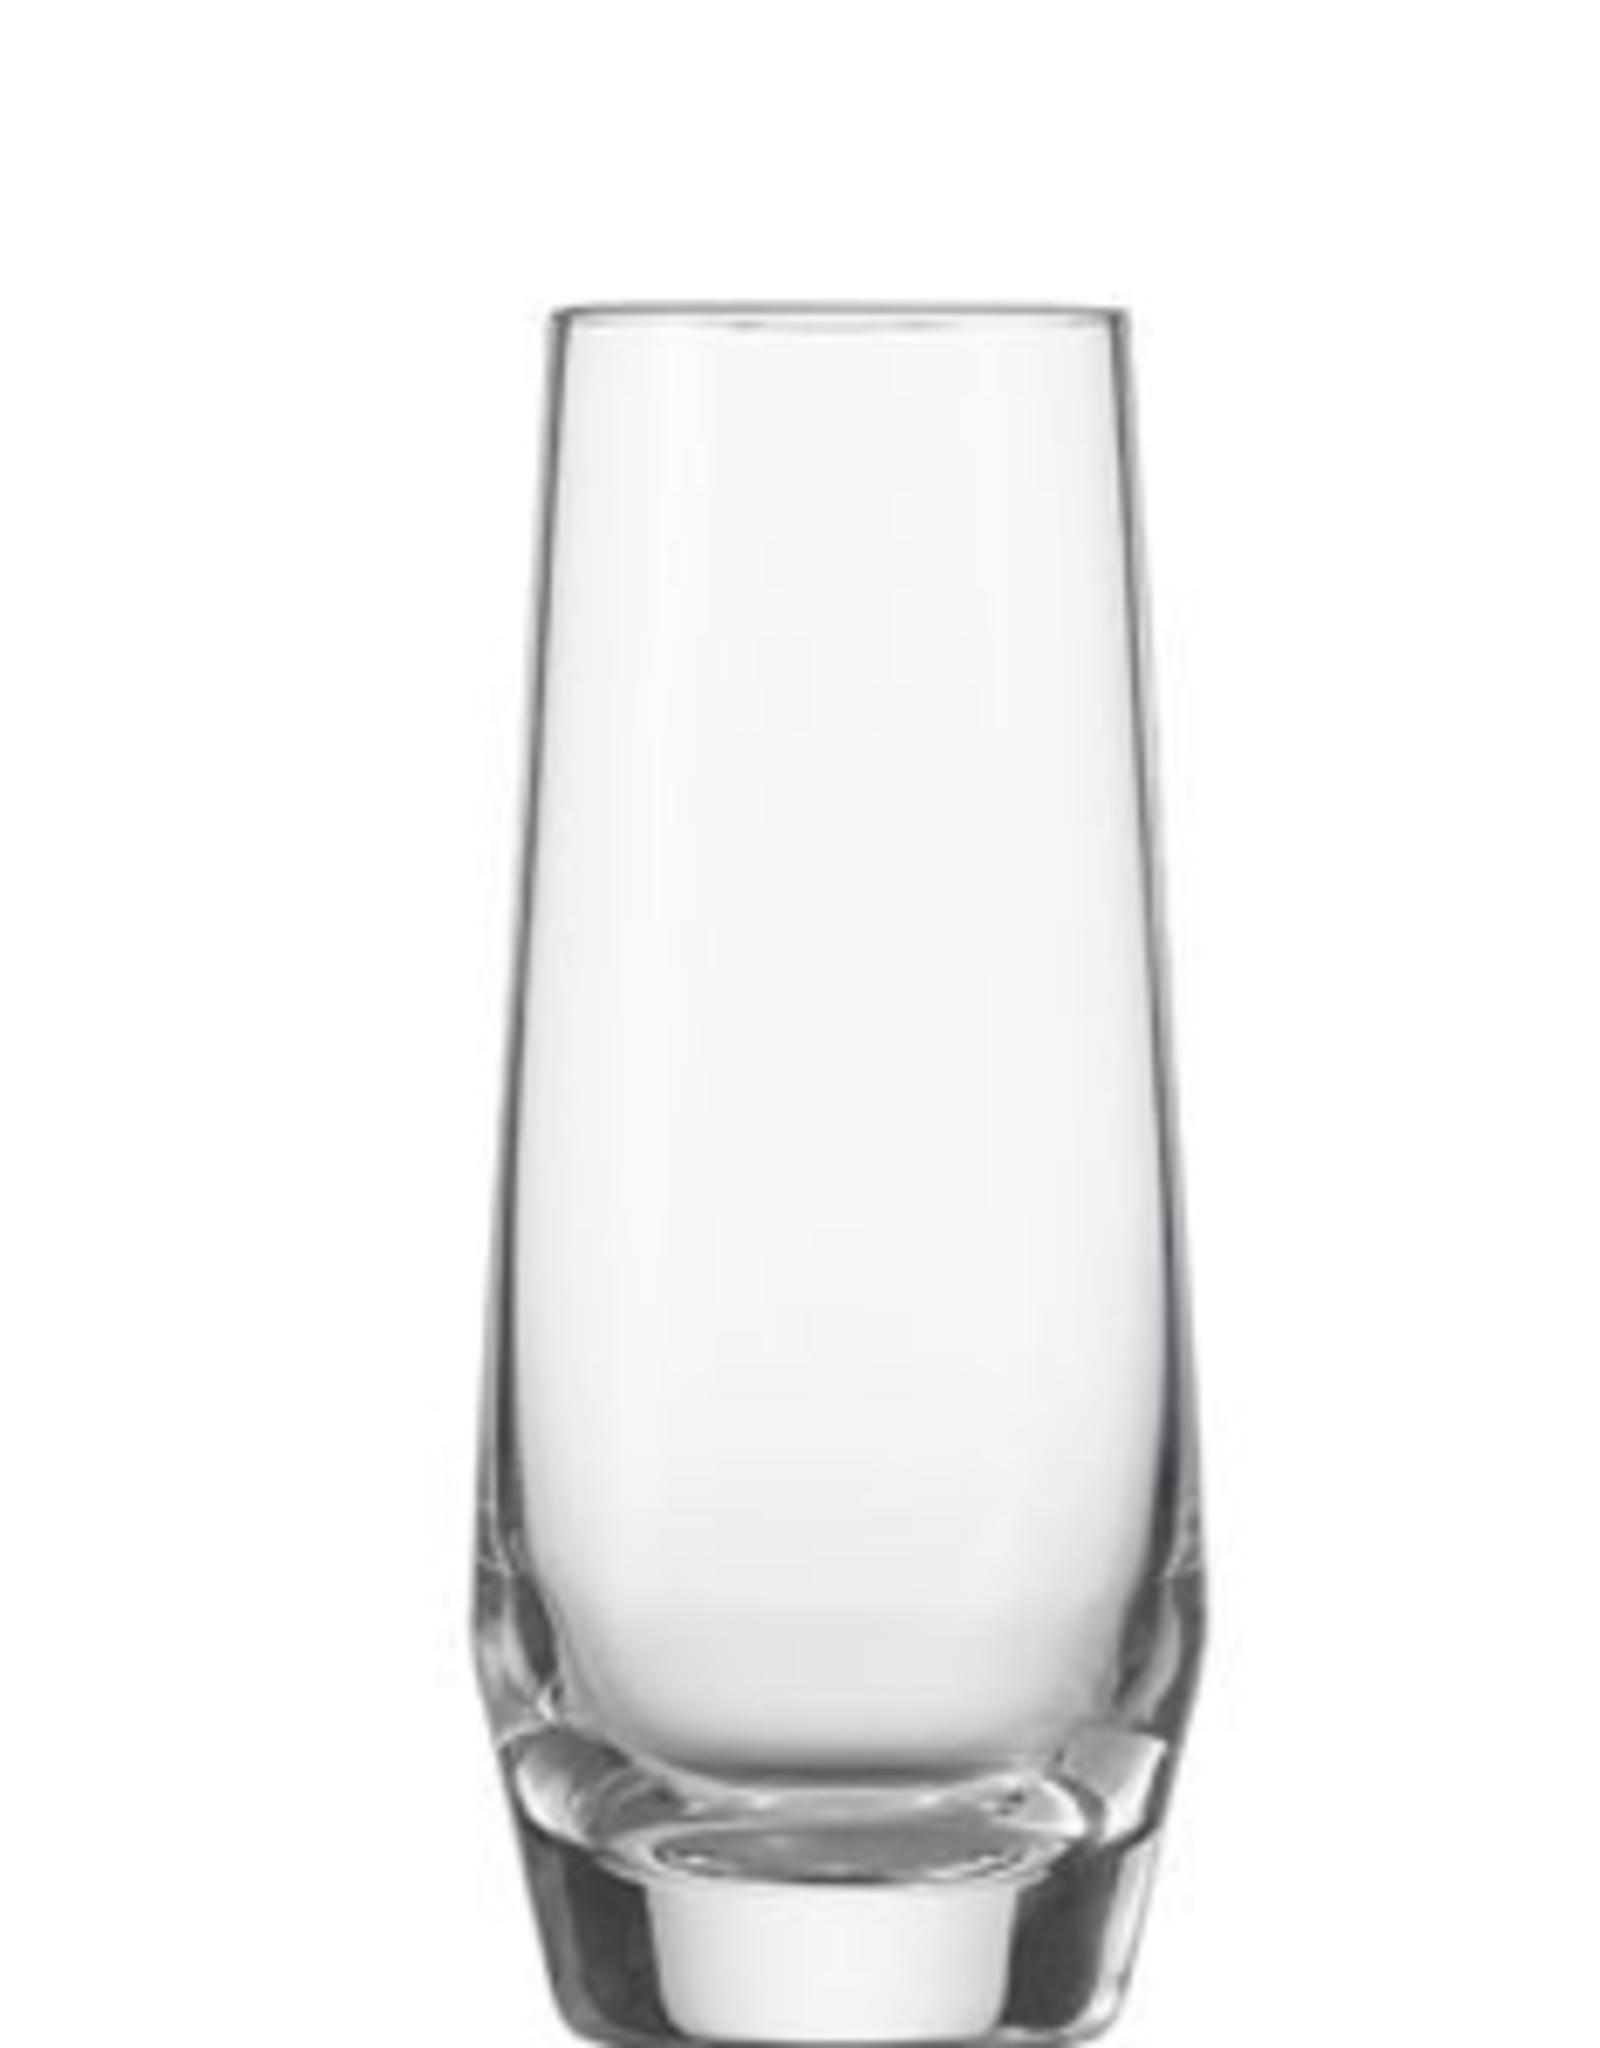 SZ Tritan Pure Juice/Aperitif (15) 8.3oz